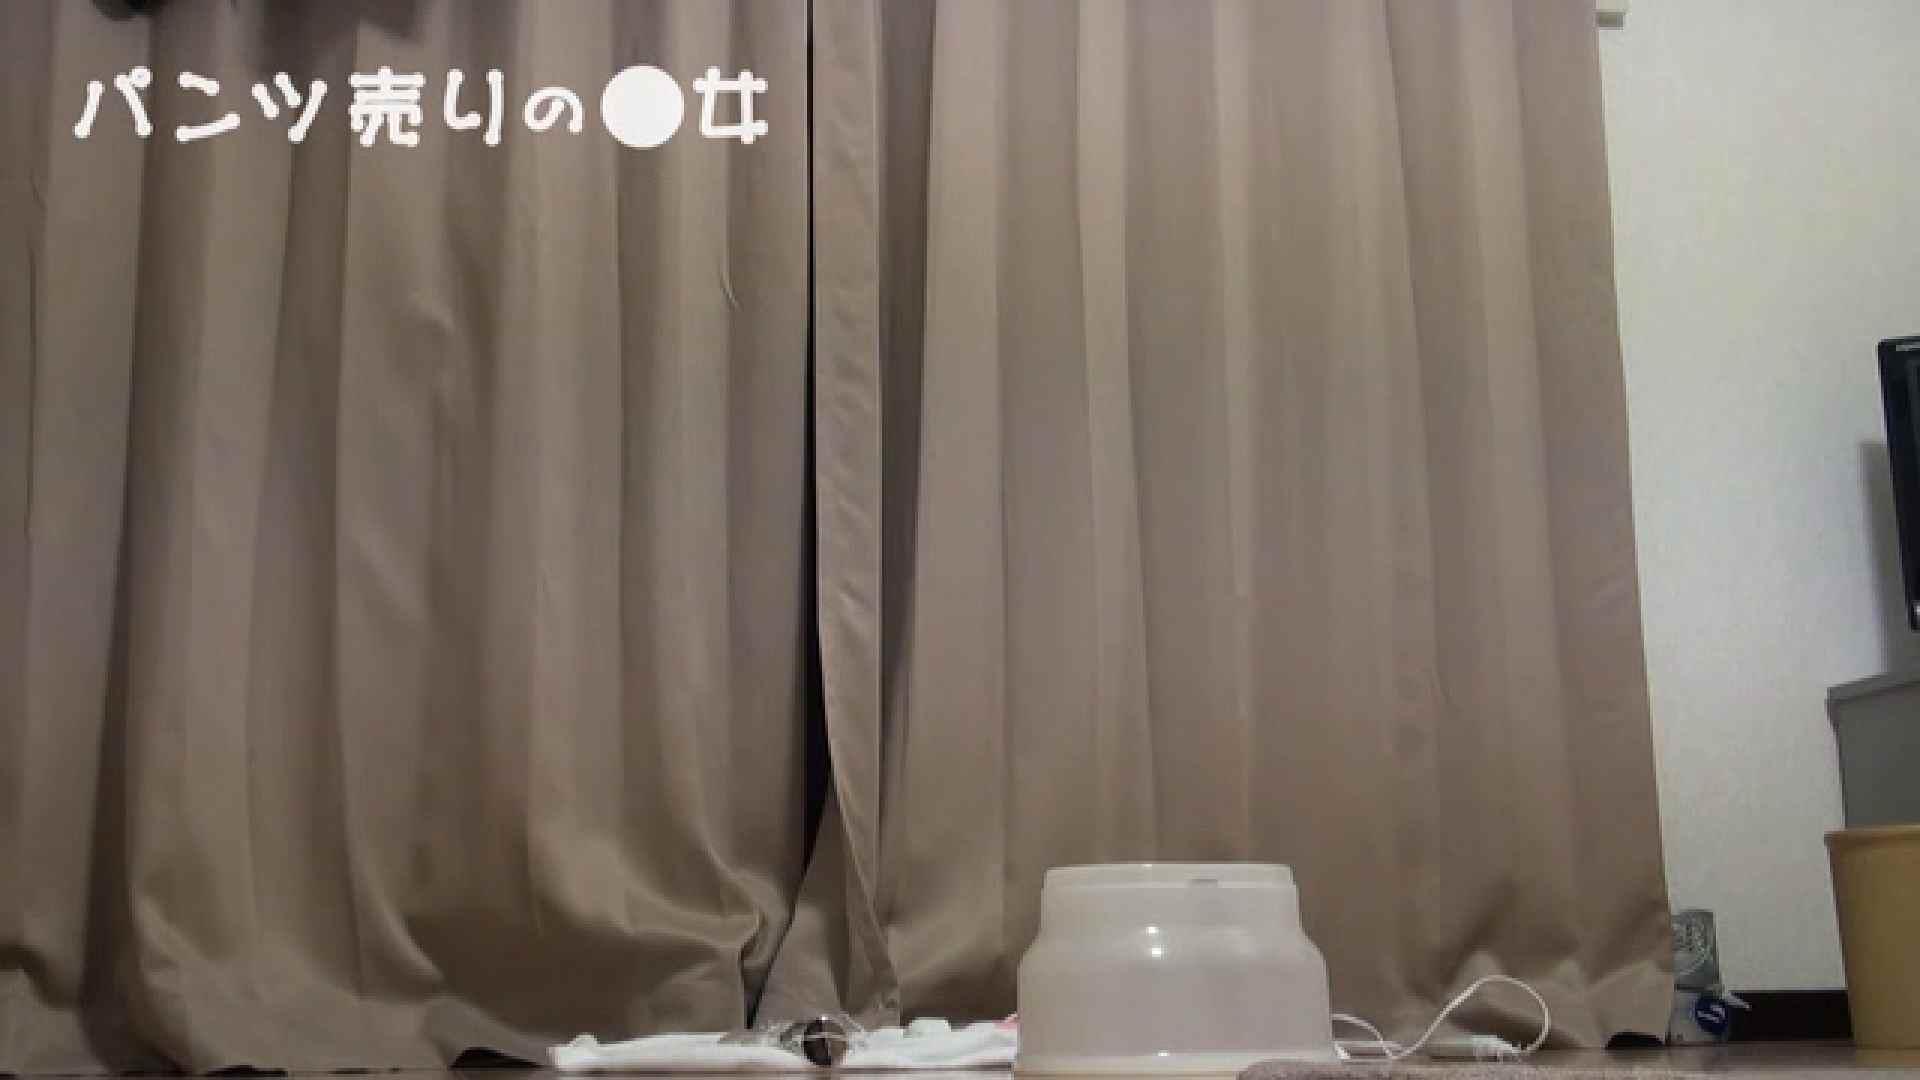 新説 パンツ売りの女の子mizuki 一般投稿  109枚 2